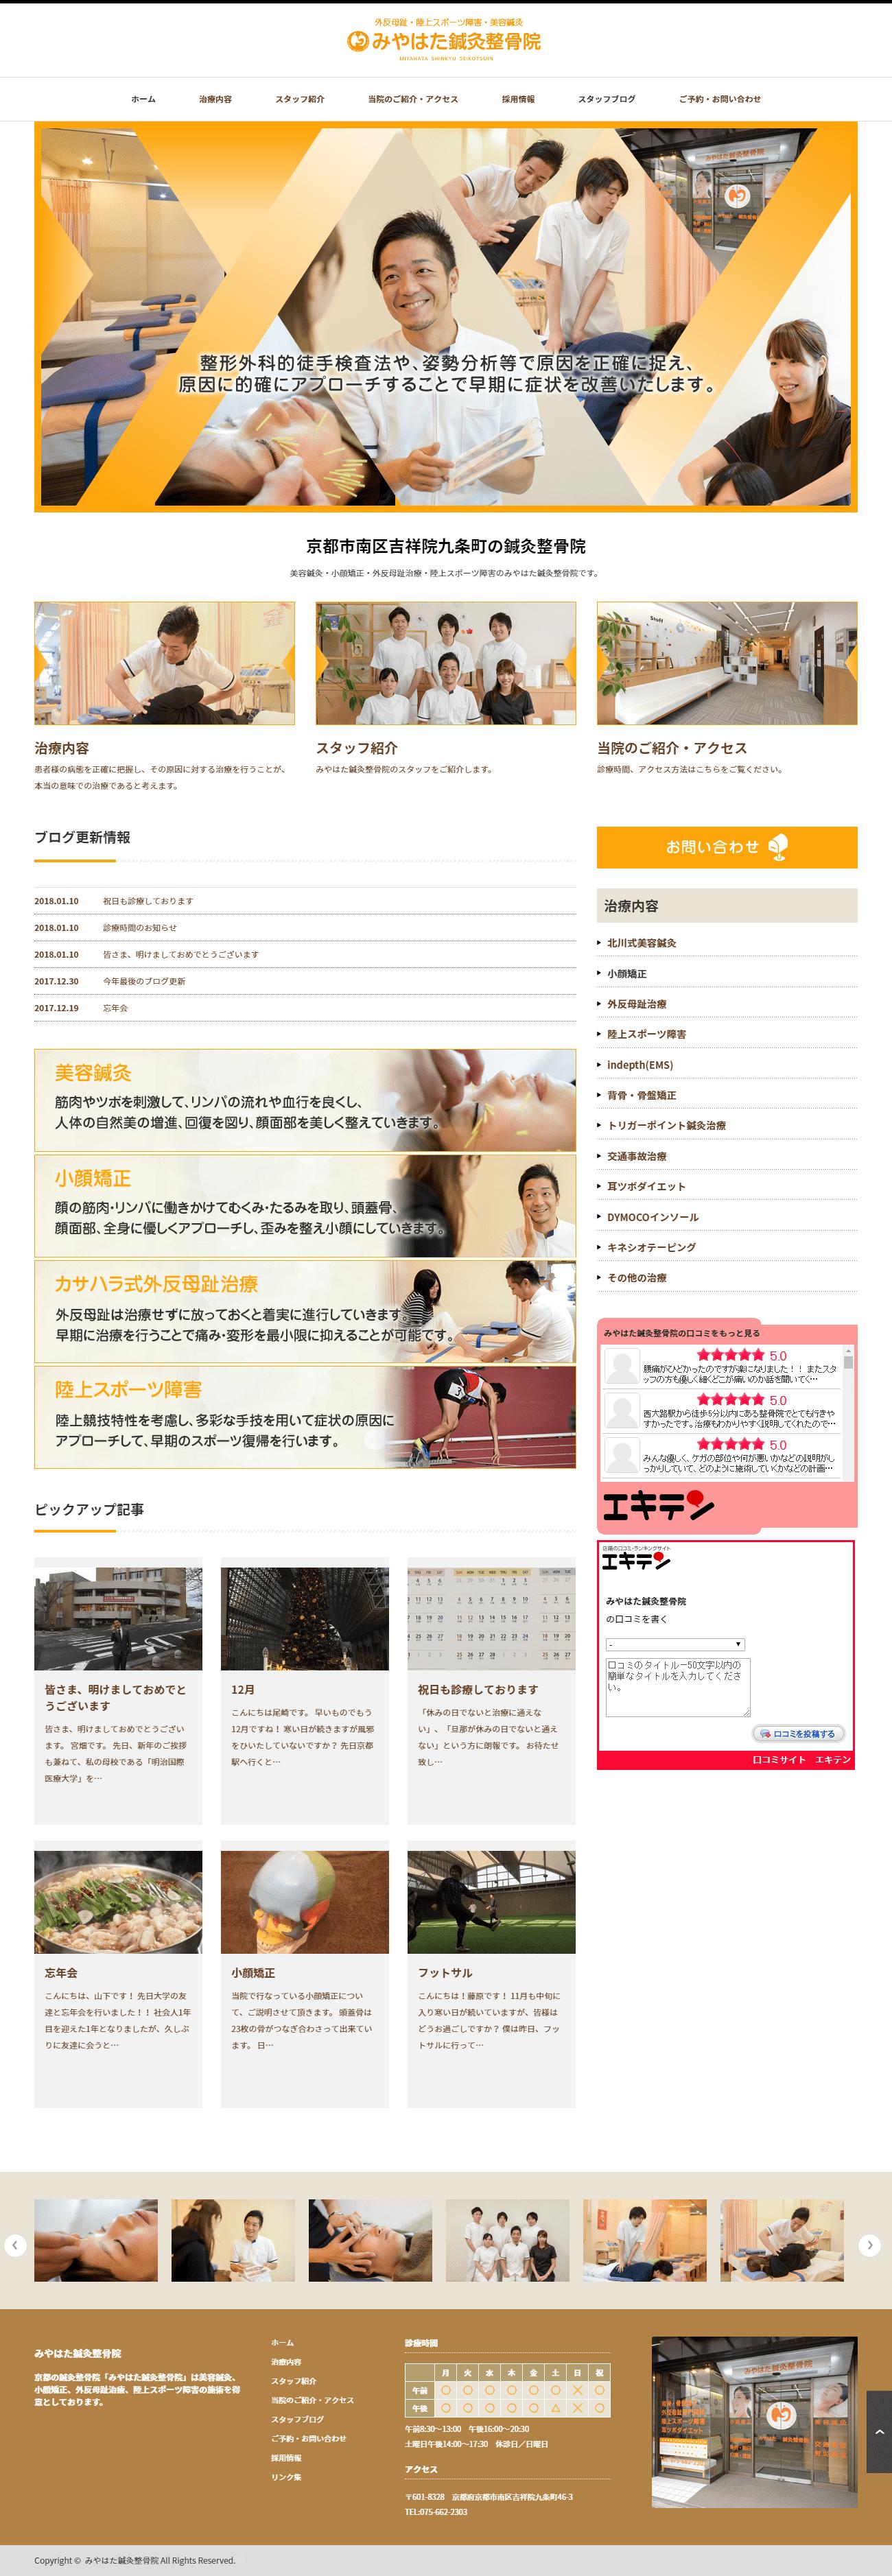 京都市 みやはた鍼灸整骨院様 ホームページ制作1